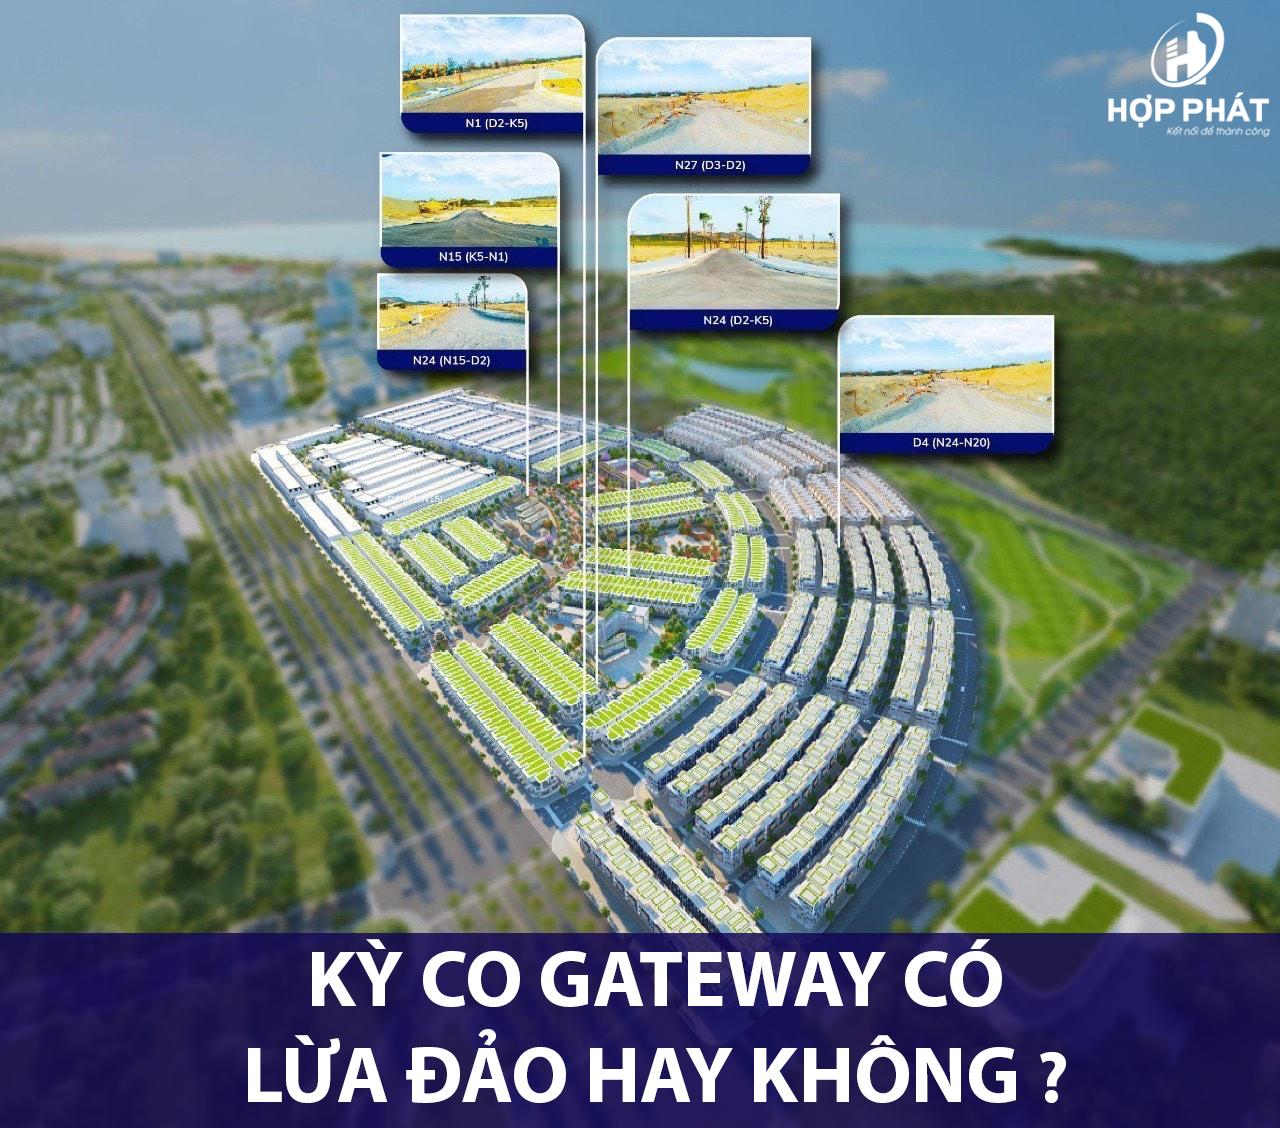 Ky Co gateway Co Lua Dao Hay Khong